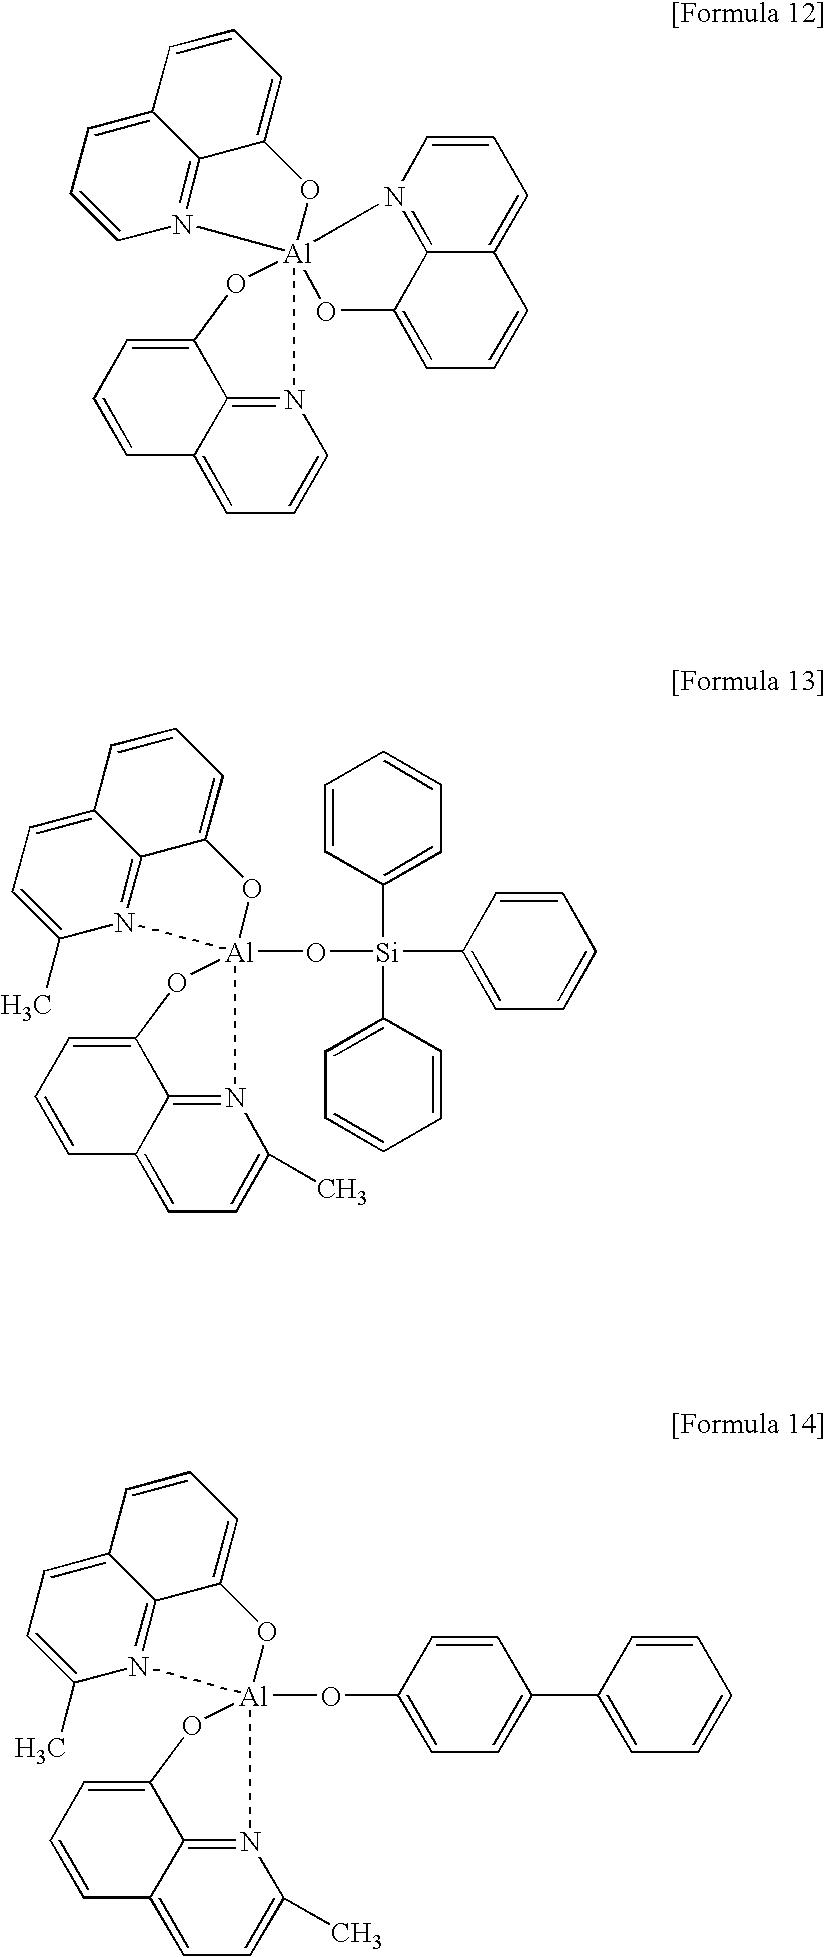 Figure US07482626-20090127-C00006